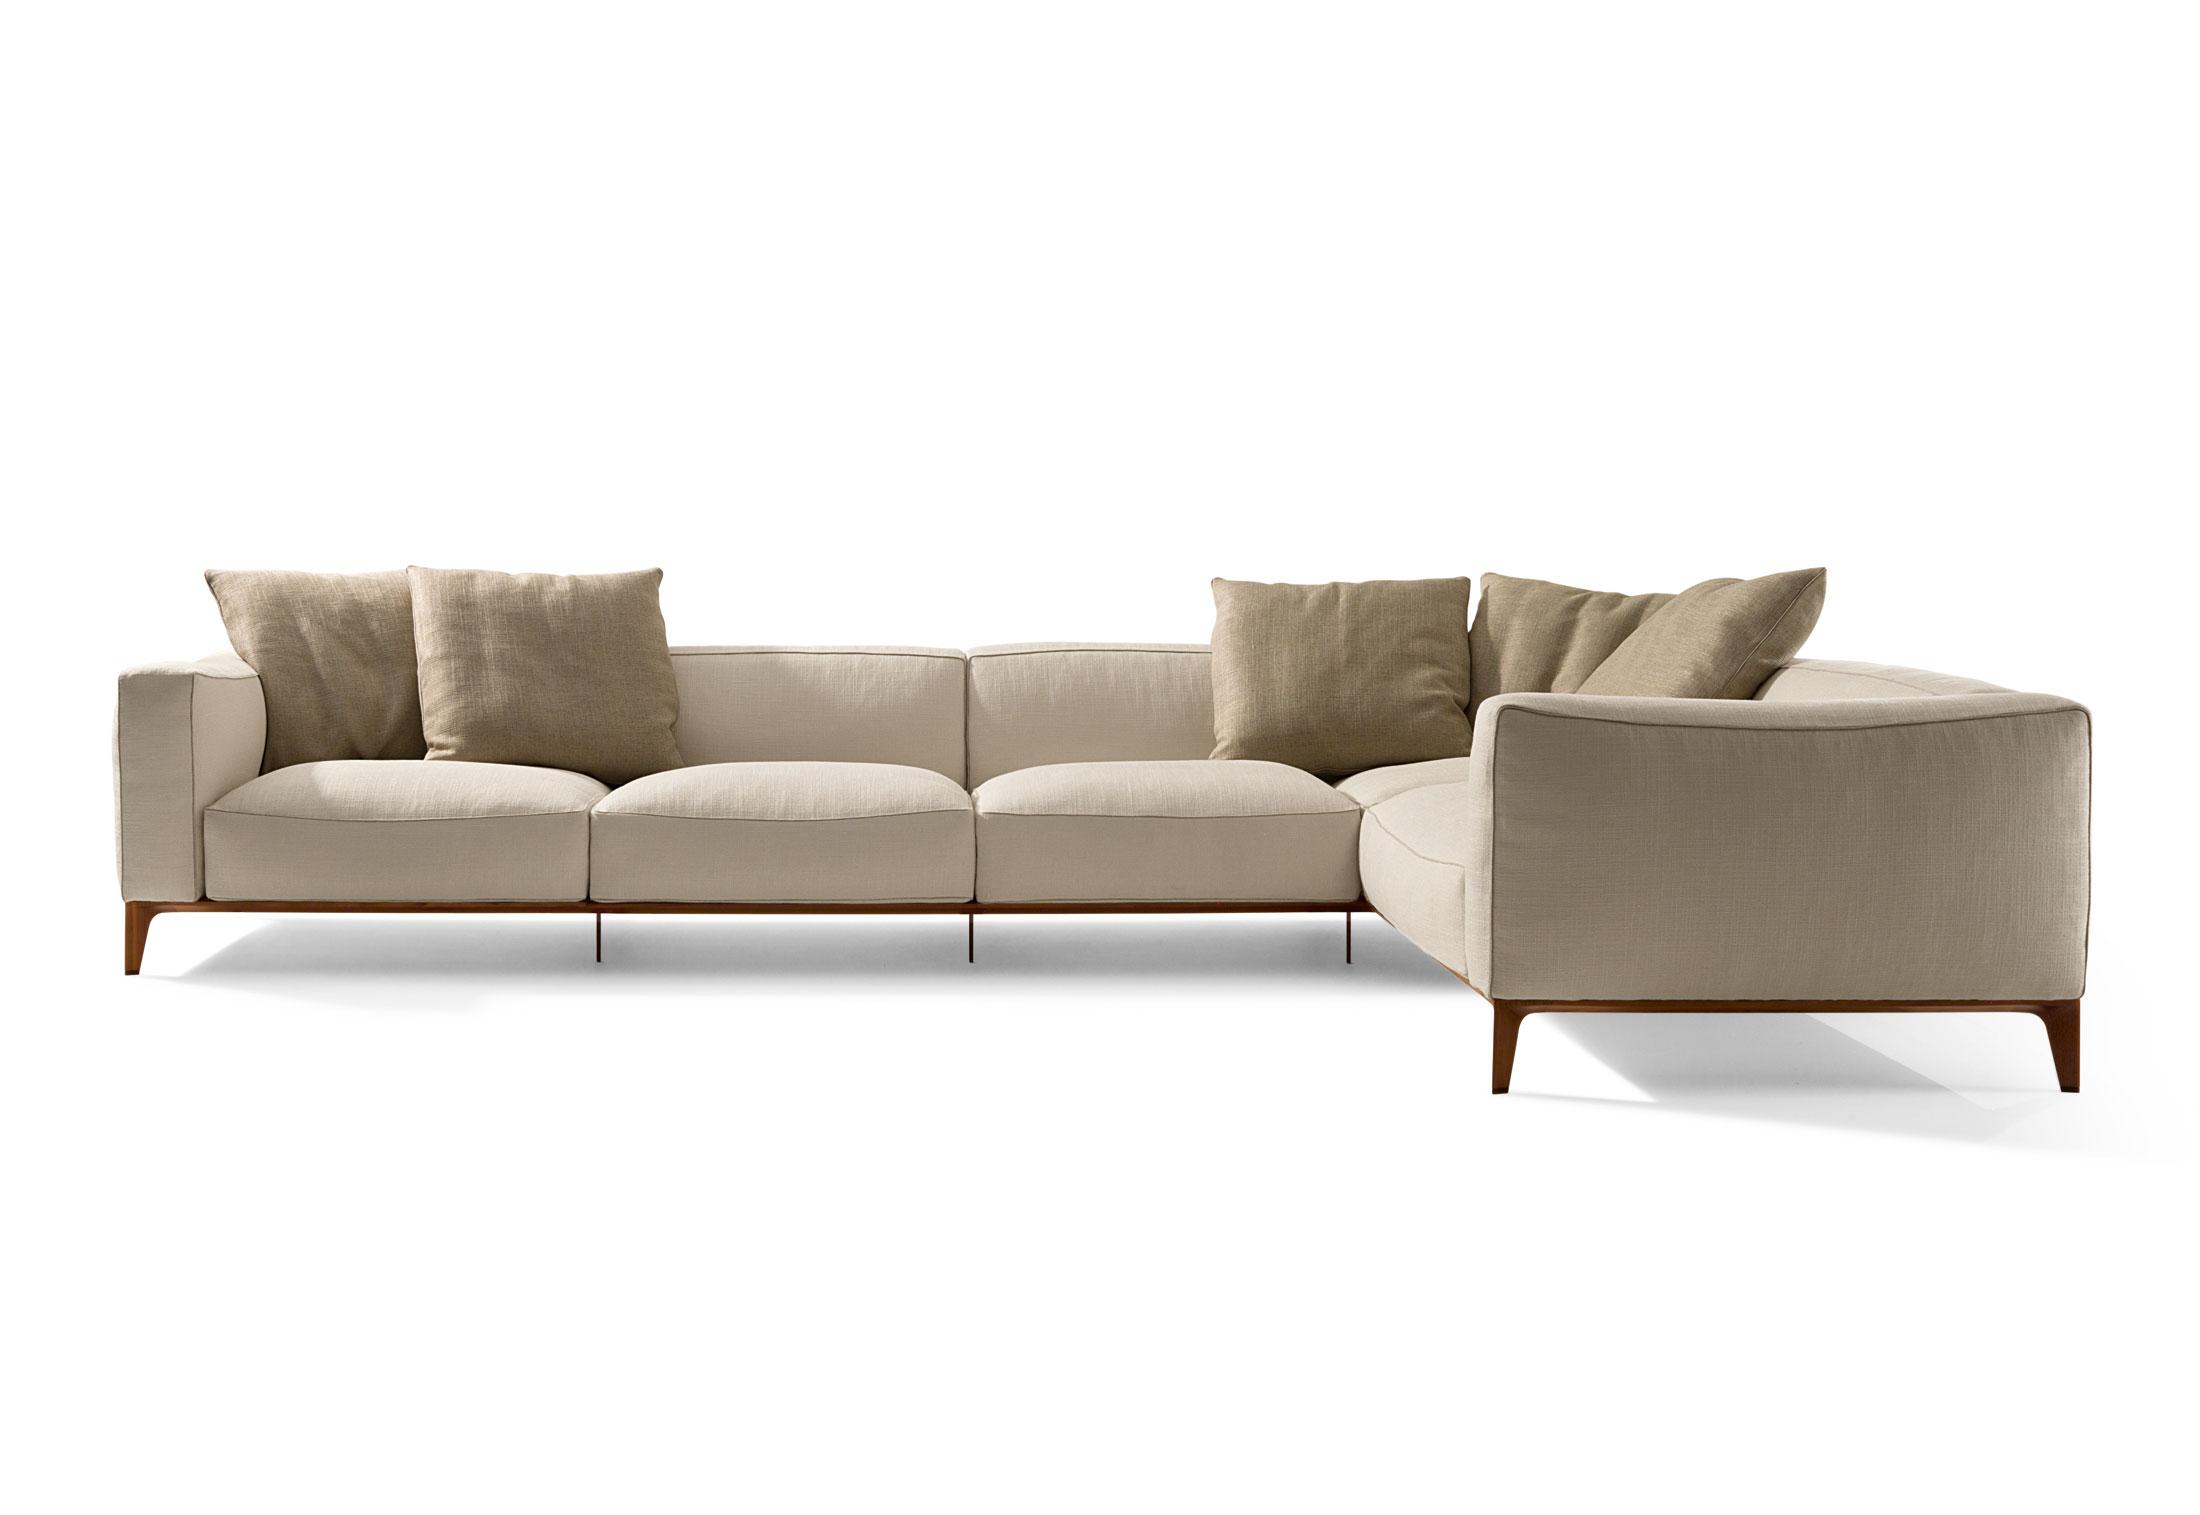 Aton modulares sofa von giorgetti stylepark for Sofas modulares